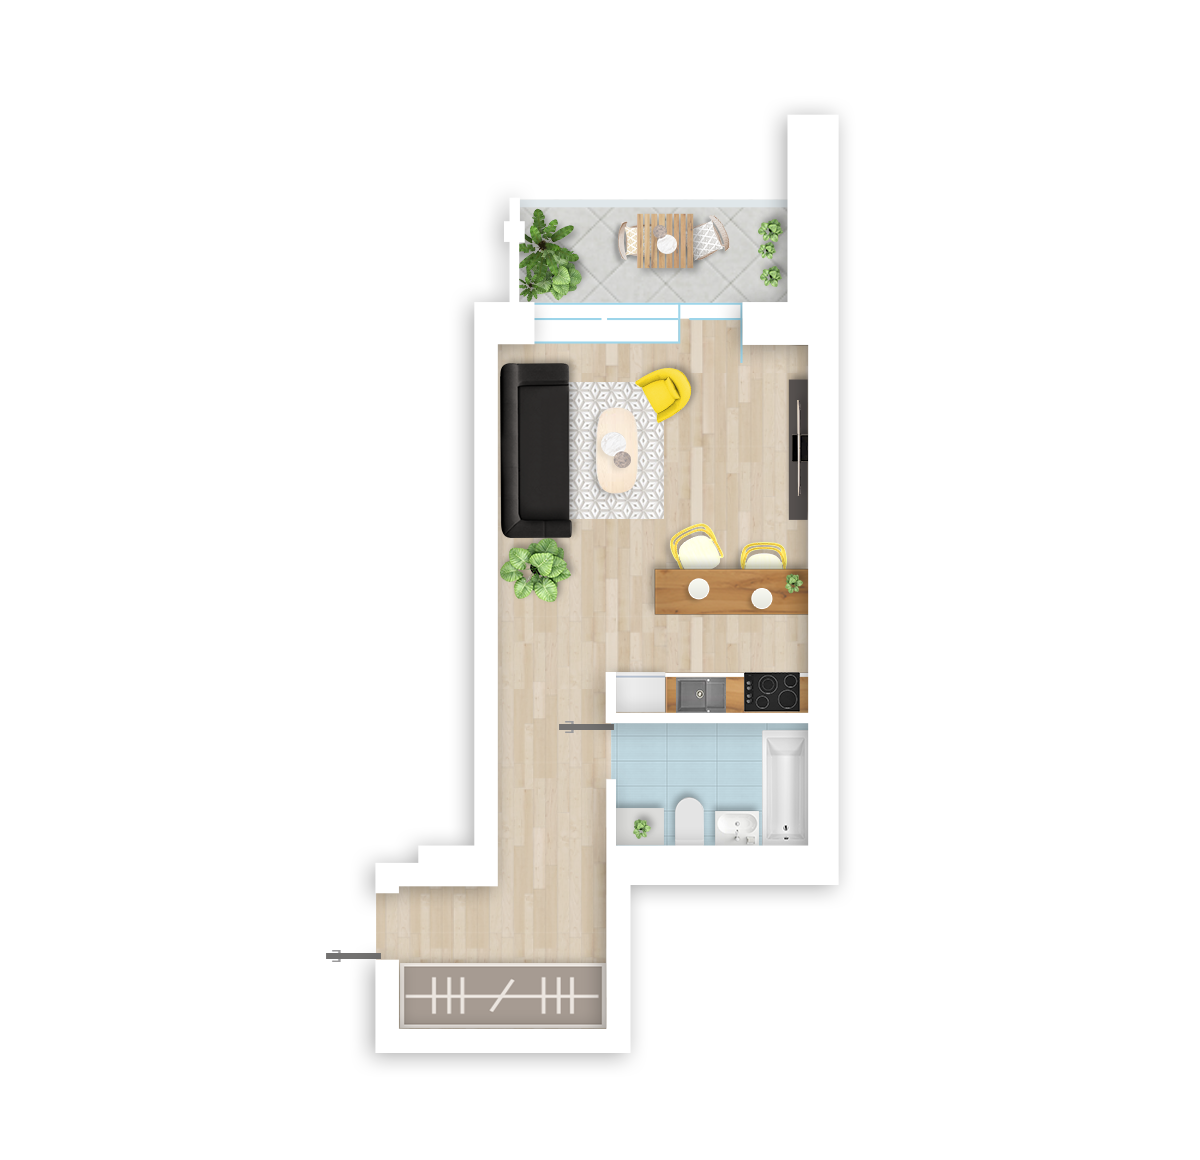 parduodamas butas Lazdynėlių g. 18 - 5 Vilniuje, buto 3D vaizdas